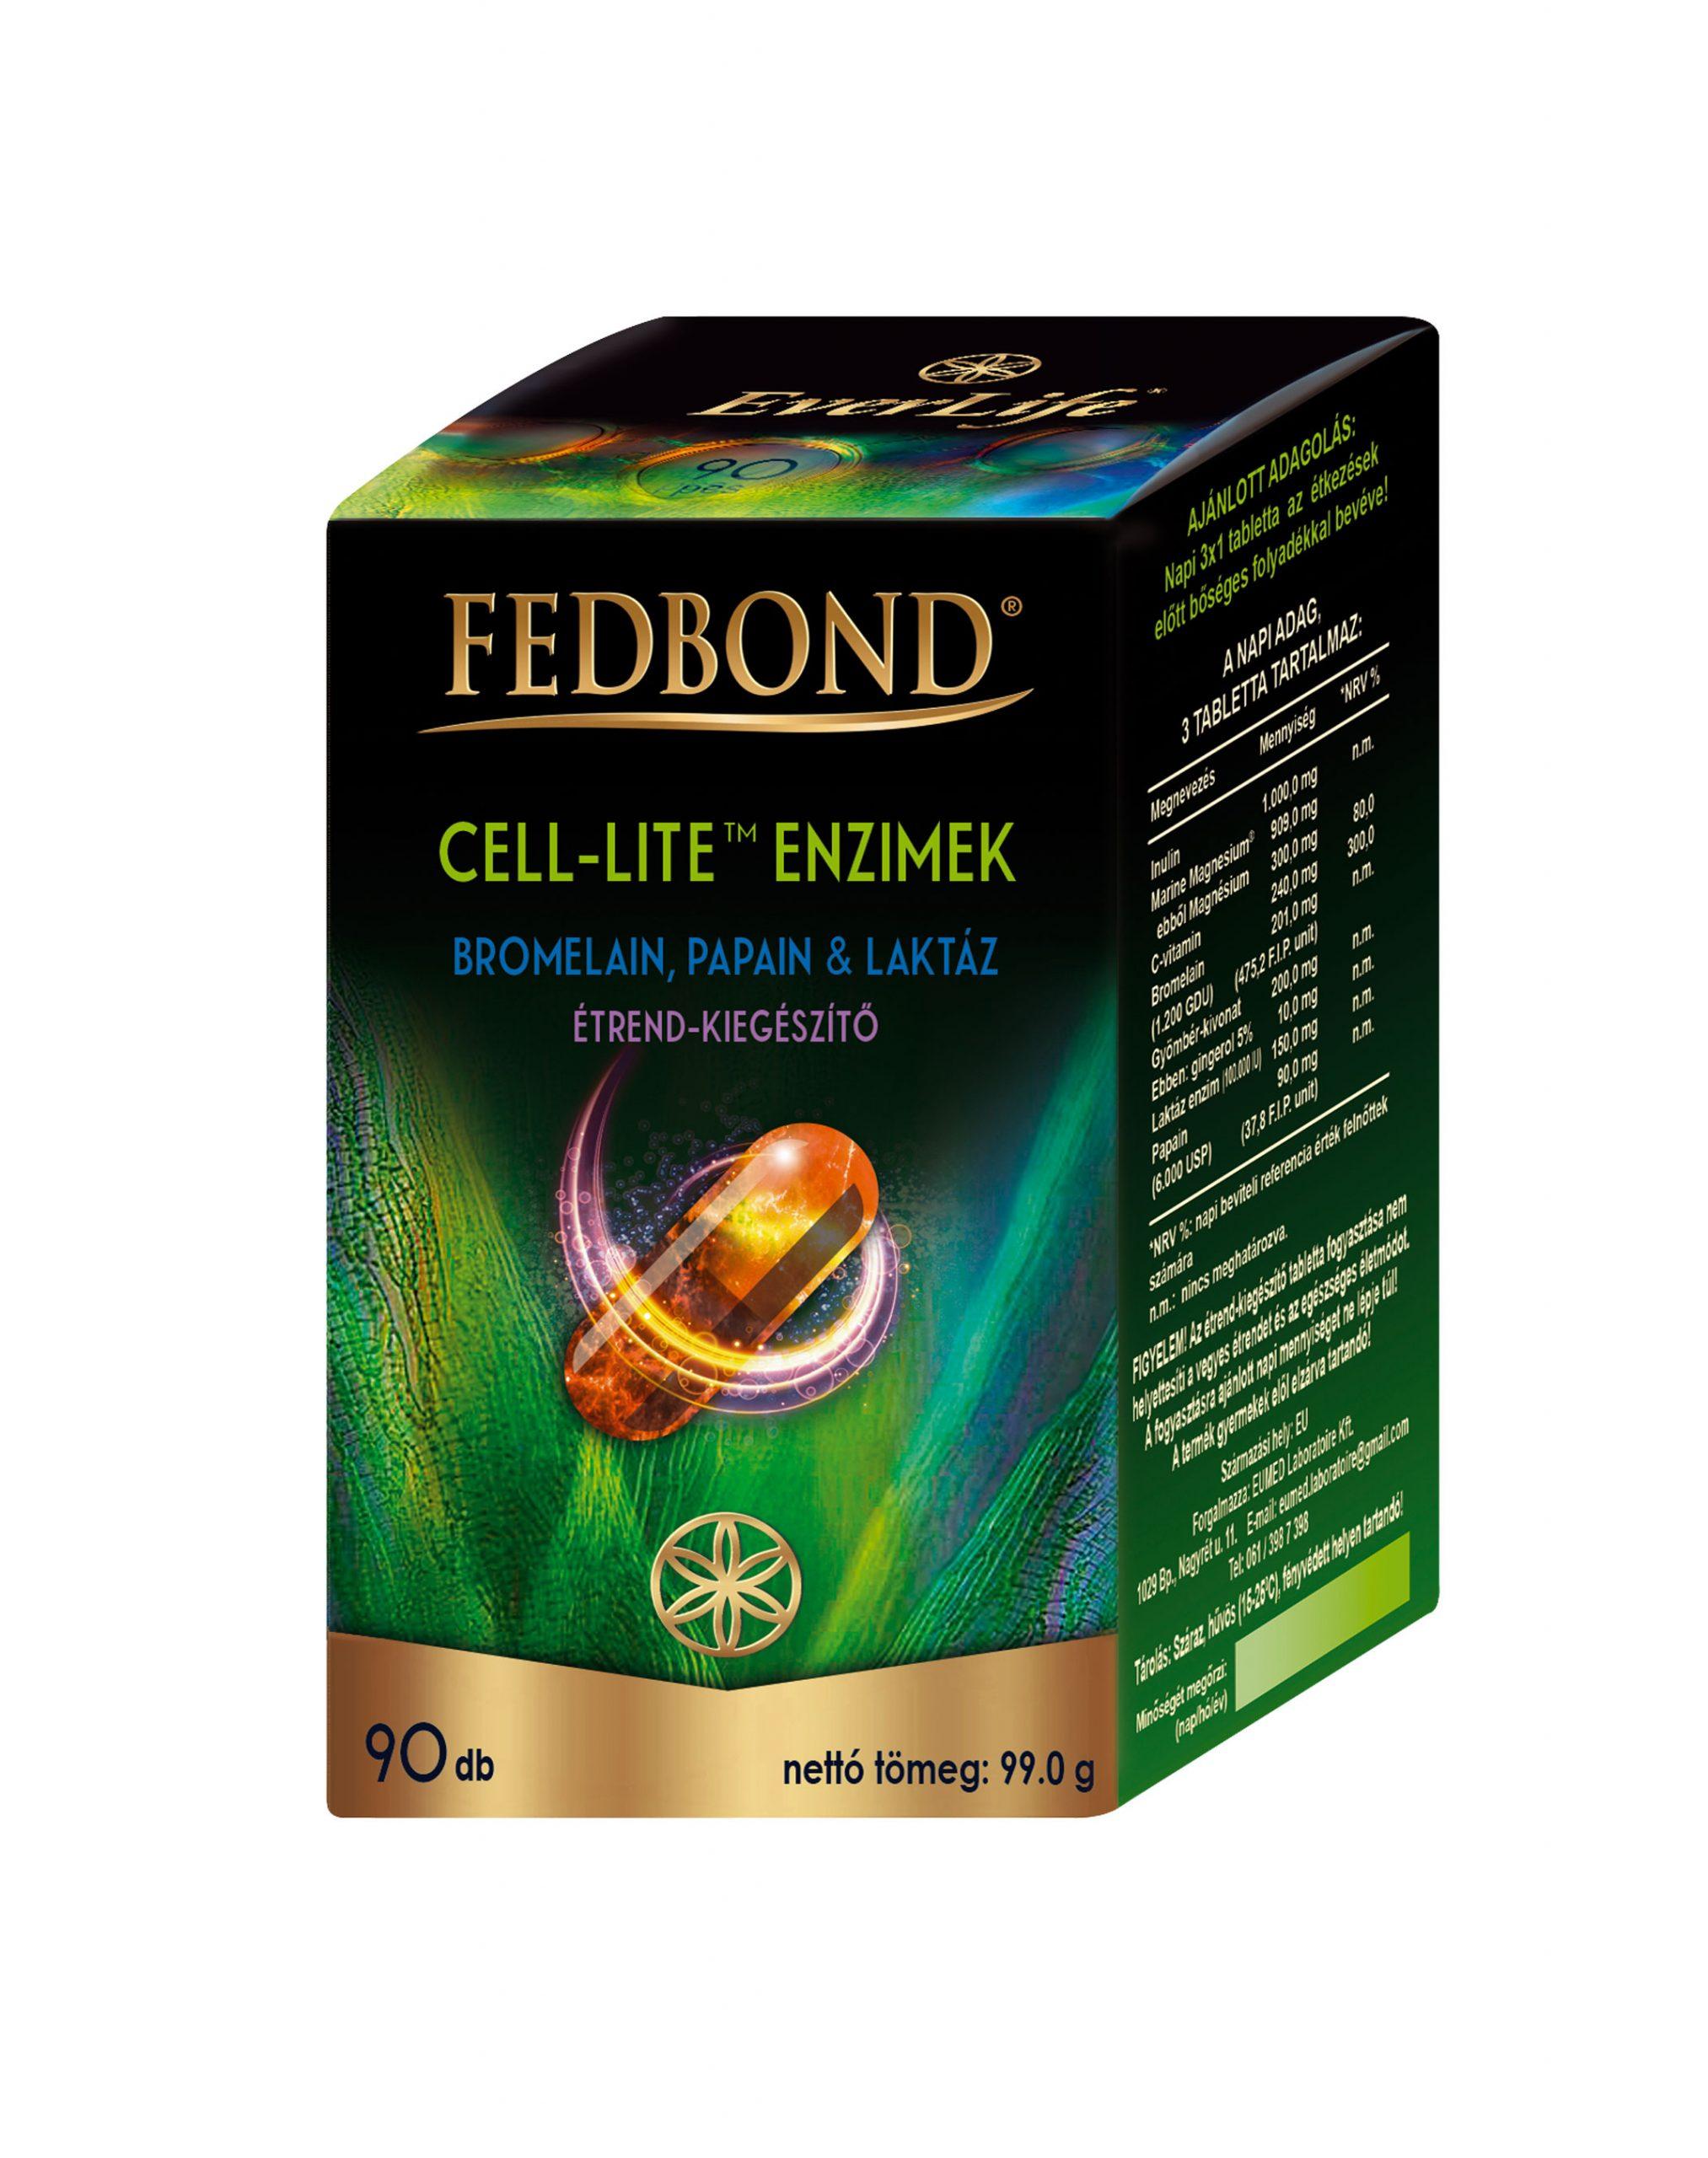 súlycsökkentő hasnyálmirigy enzim 5 legjobb tipp a testzsír leépítéséhez